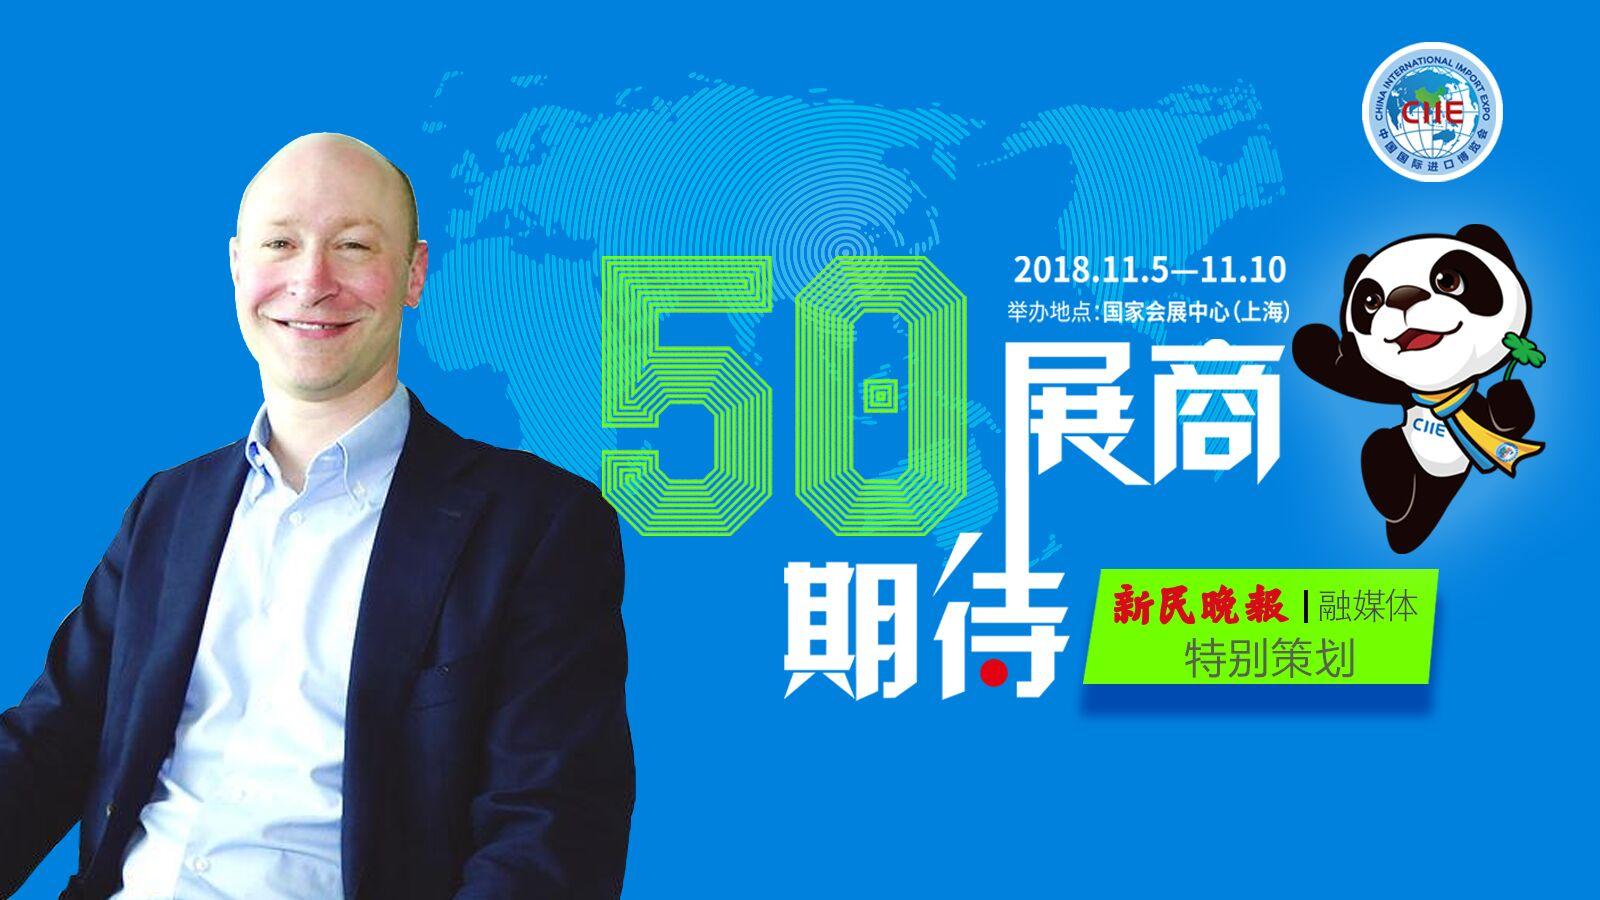 50展商·50期待 | 把有机生活理念带到上海 贝拉米有机携全新婴幼儿食品亮相进博会